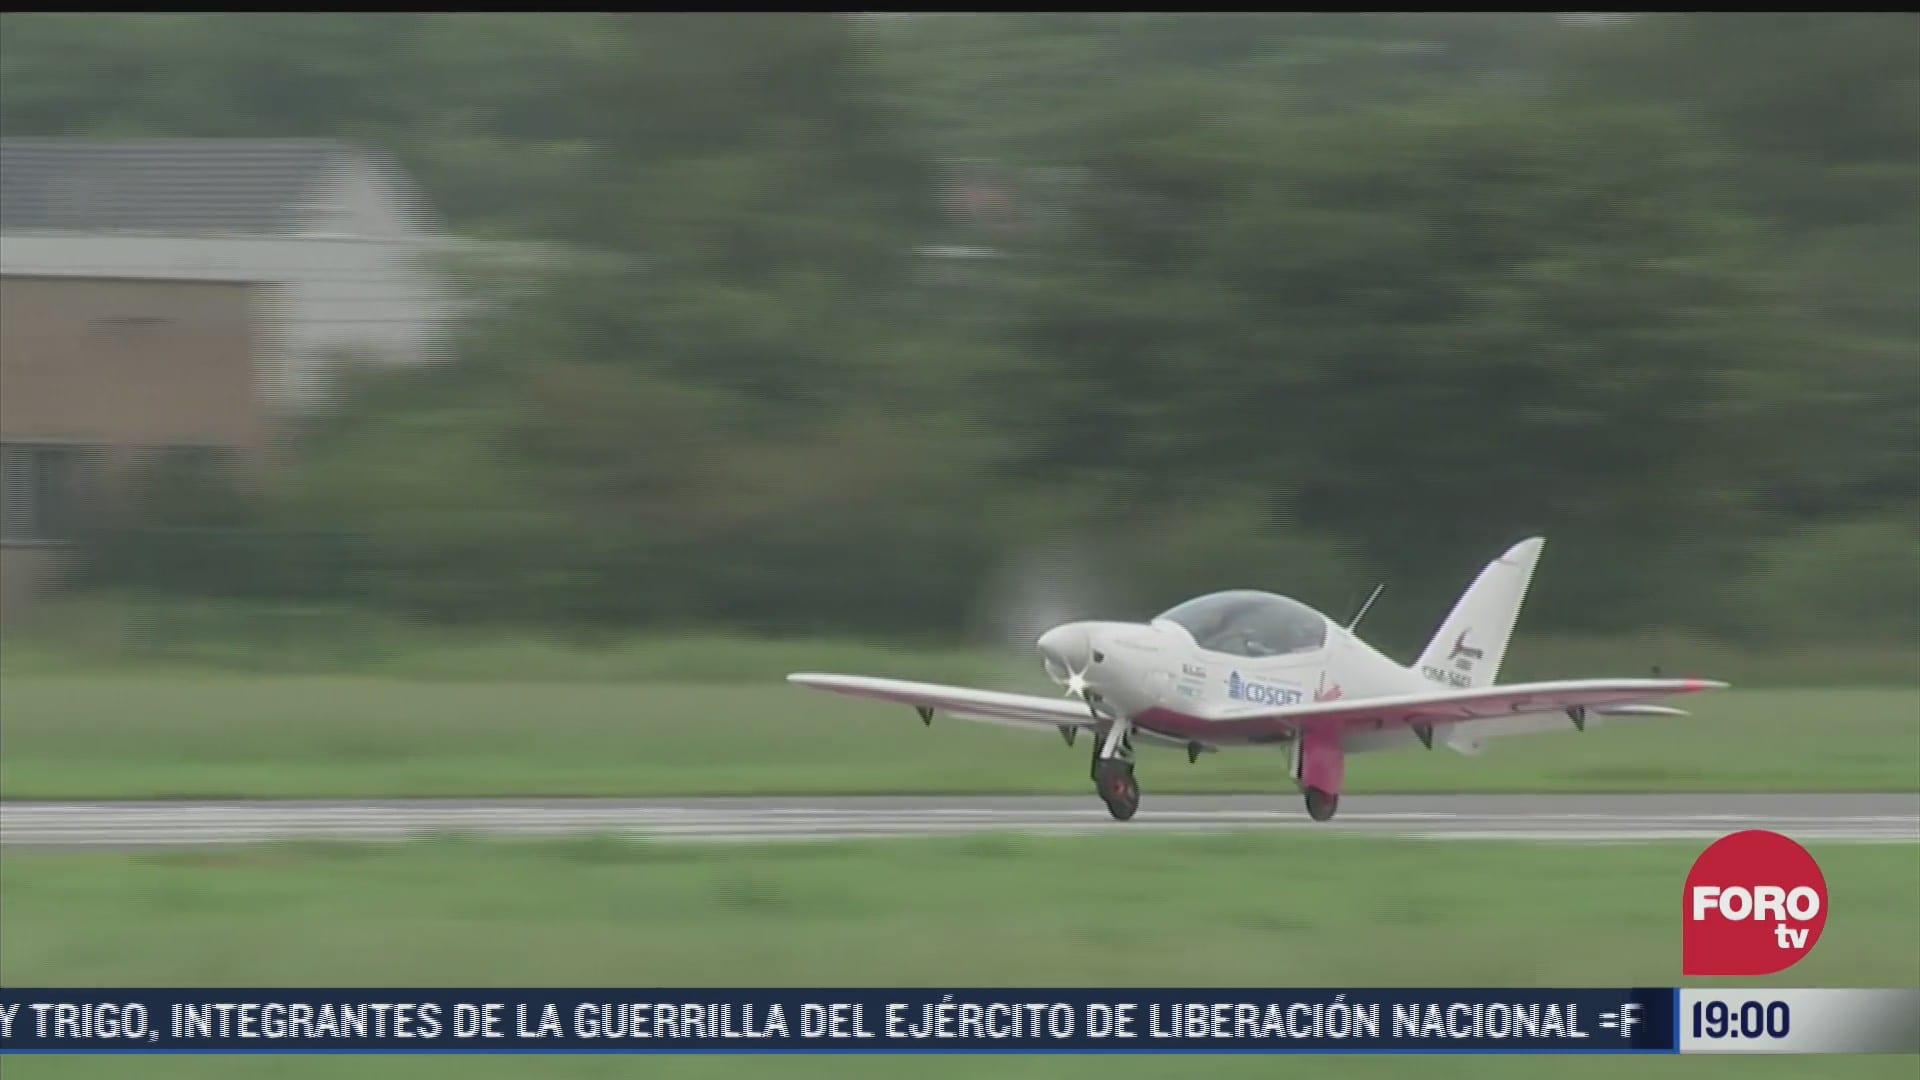 piloto de 19 anos despega para dar la vuelta al mundo